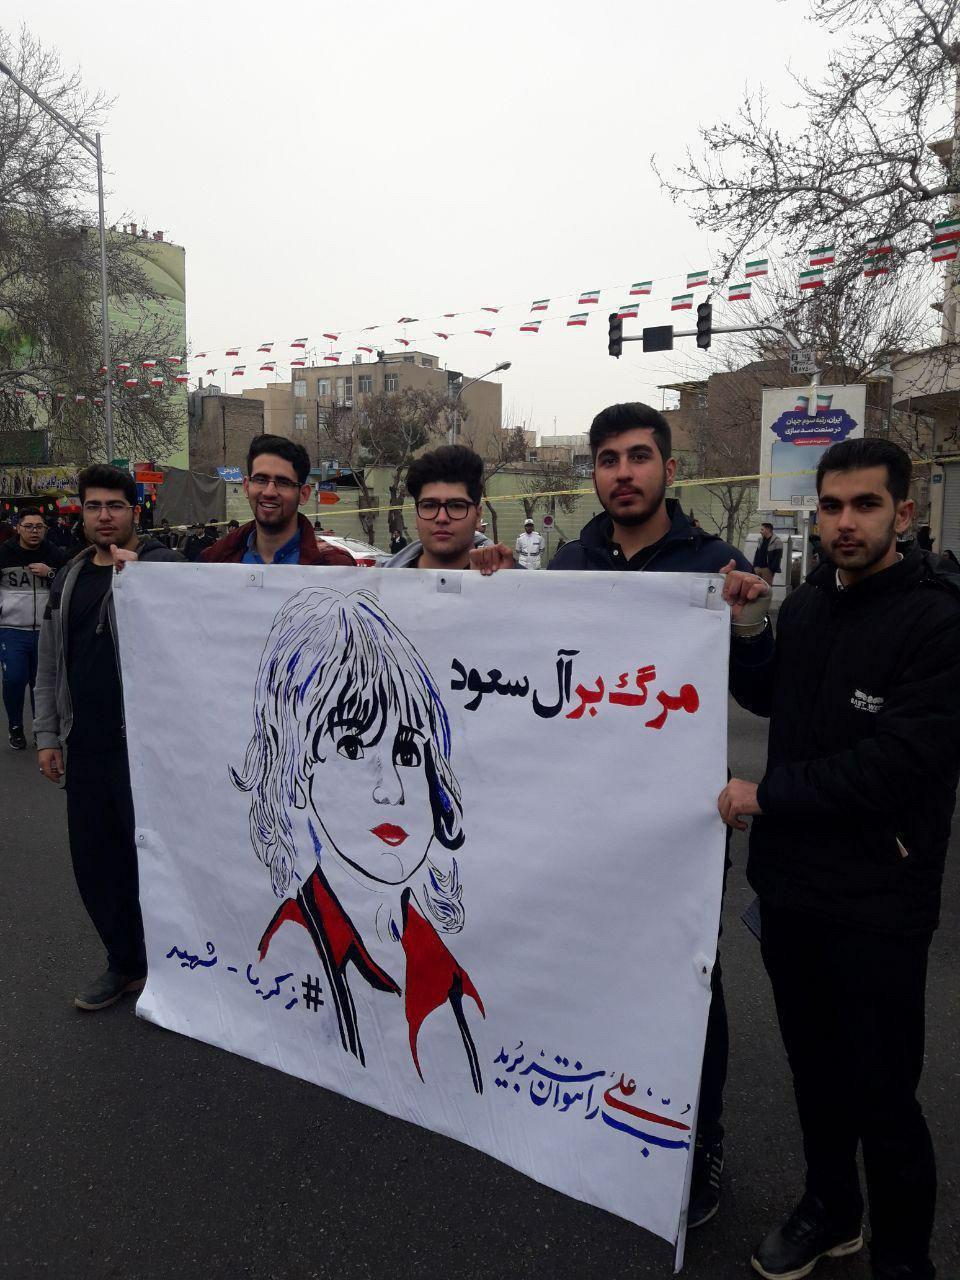 حاشیه های جالب و دیدنی راهپیمایی ۲۲ بهمن ۹۷ +فیلم و تصاویر